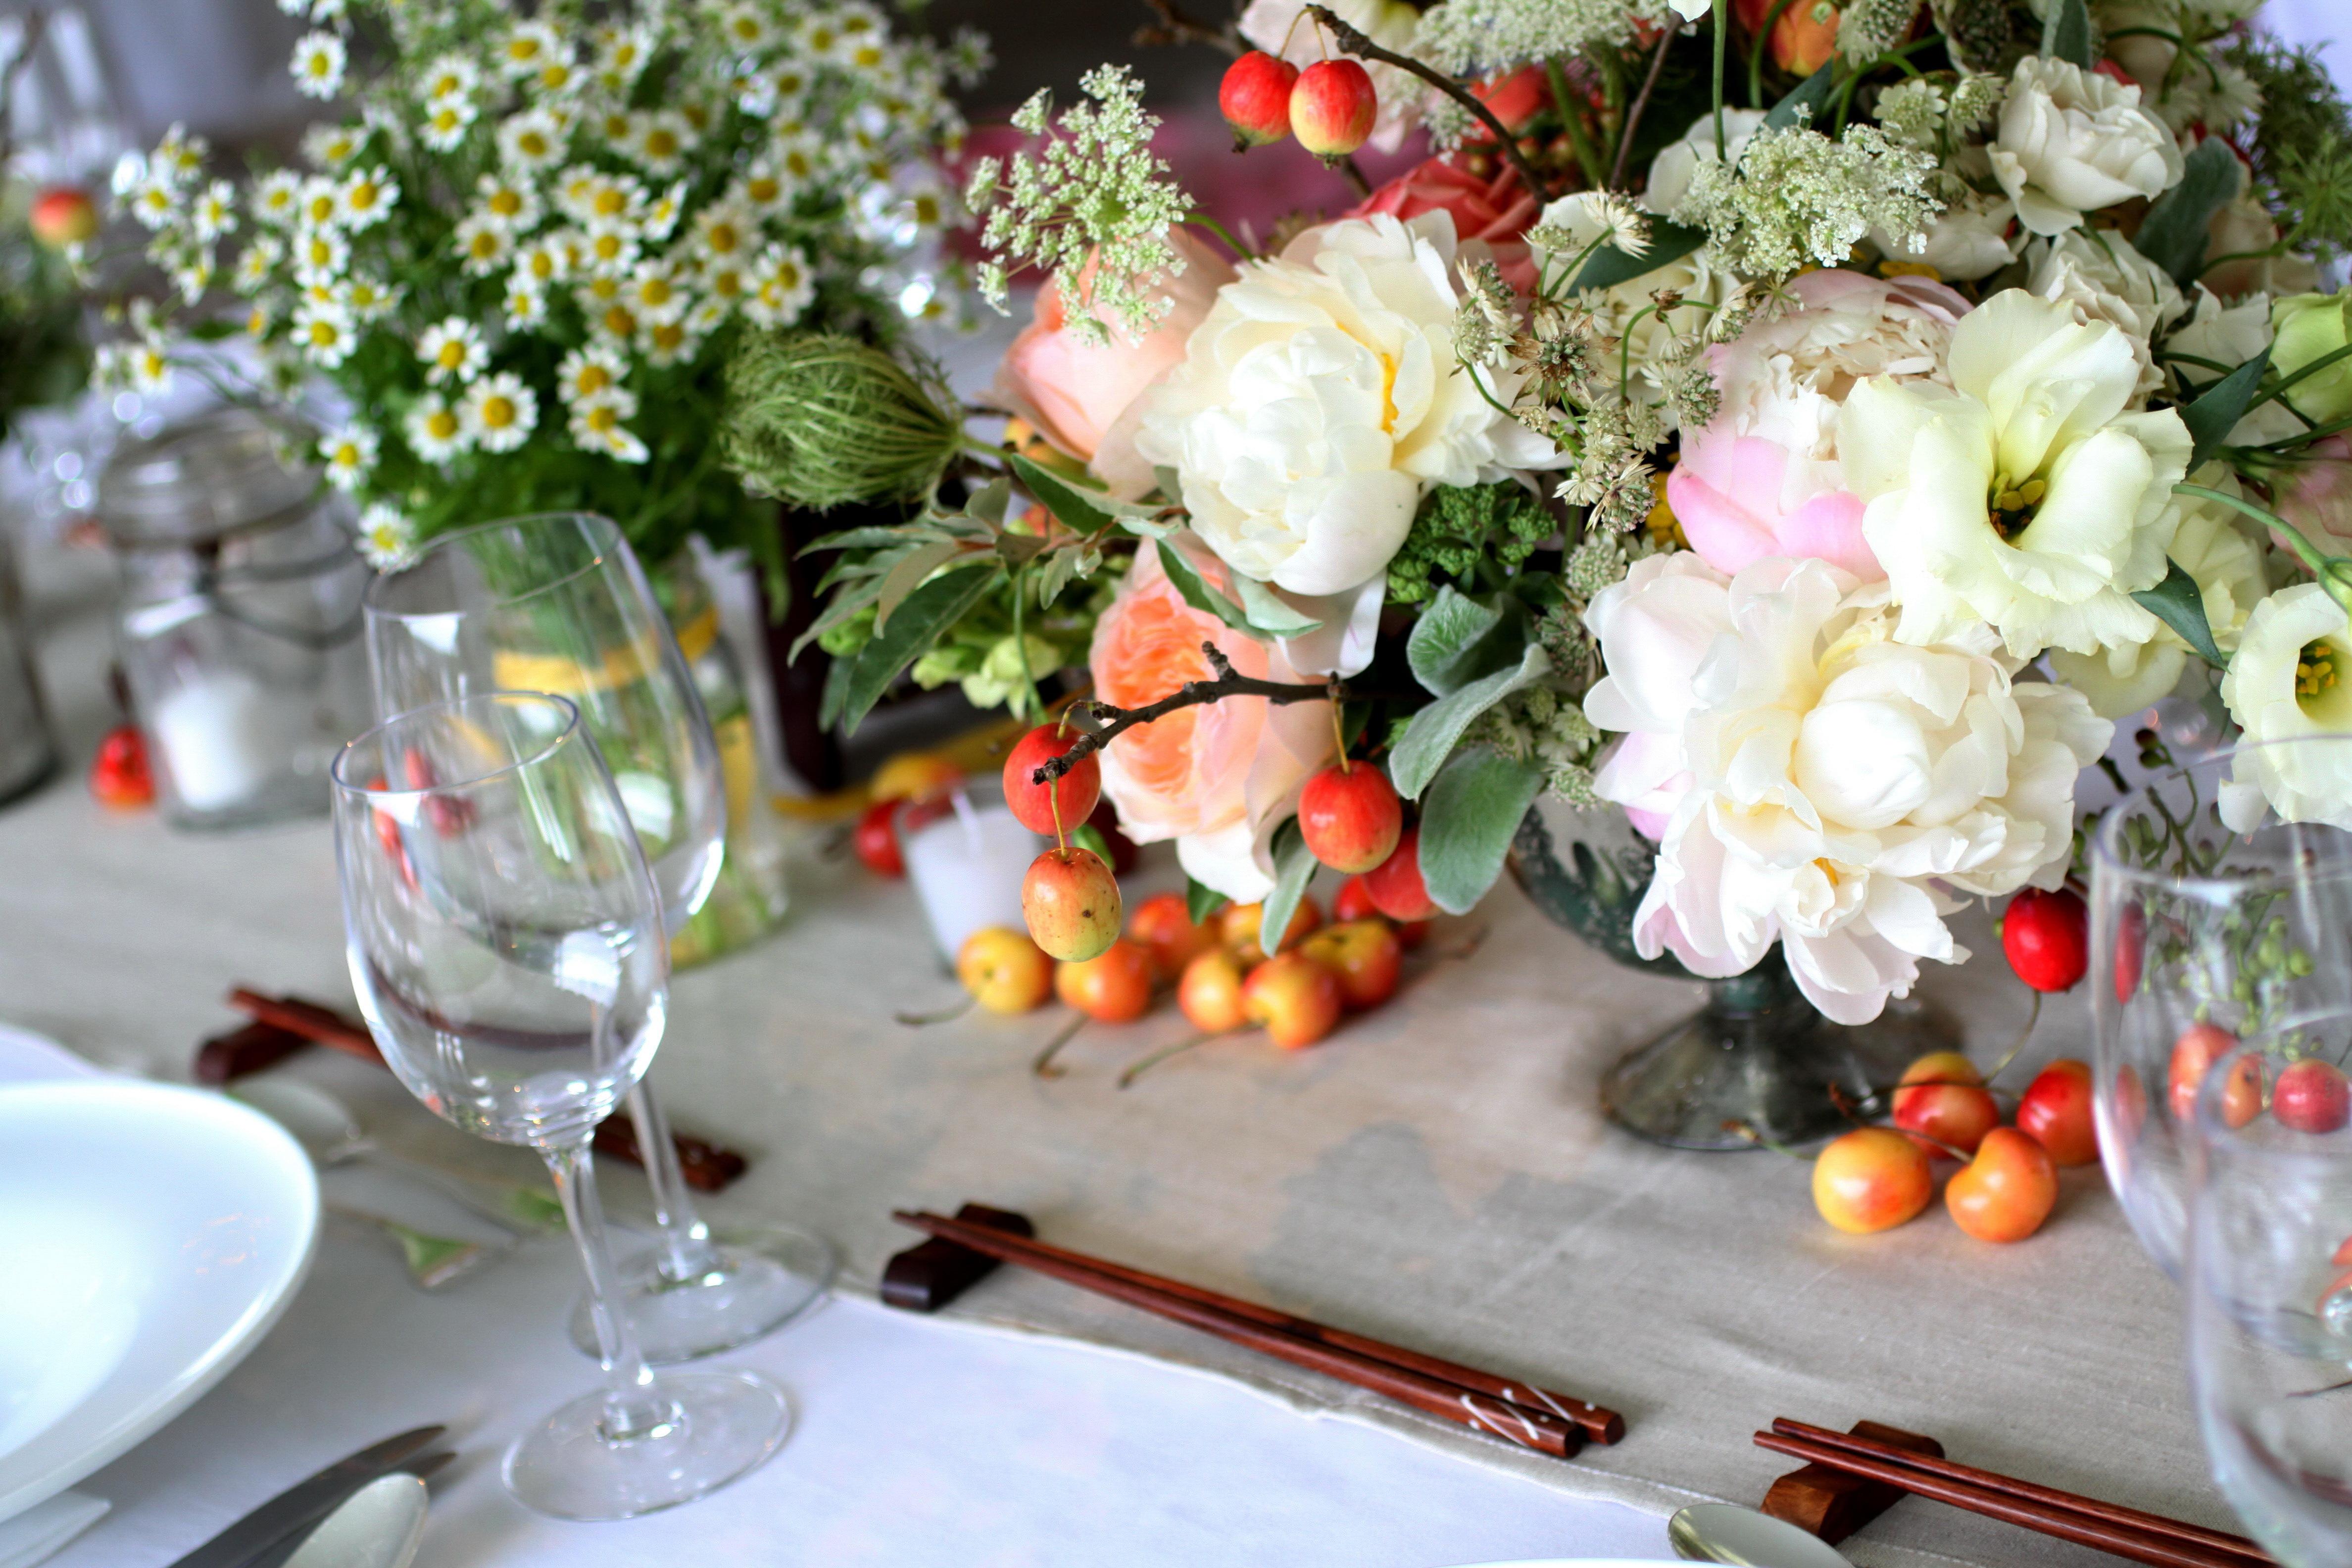 цветы ваза букет посуда flowers vase bouquet dishes  № 1733836 бесплатно